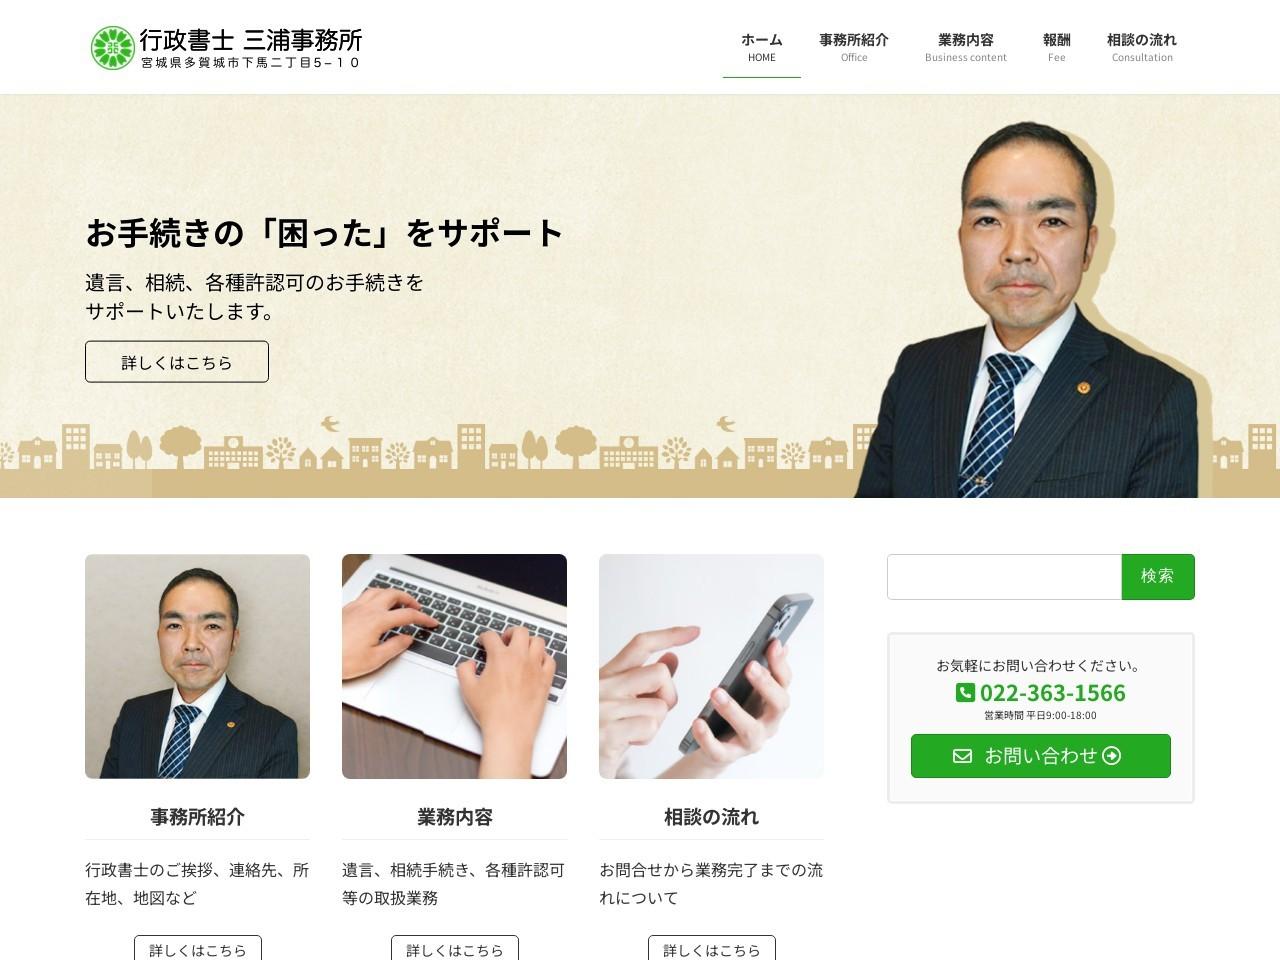 行政書士三浦事務所